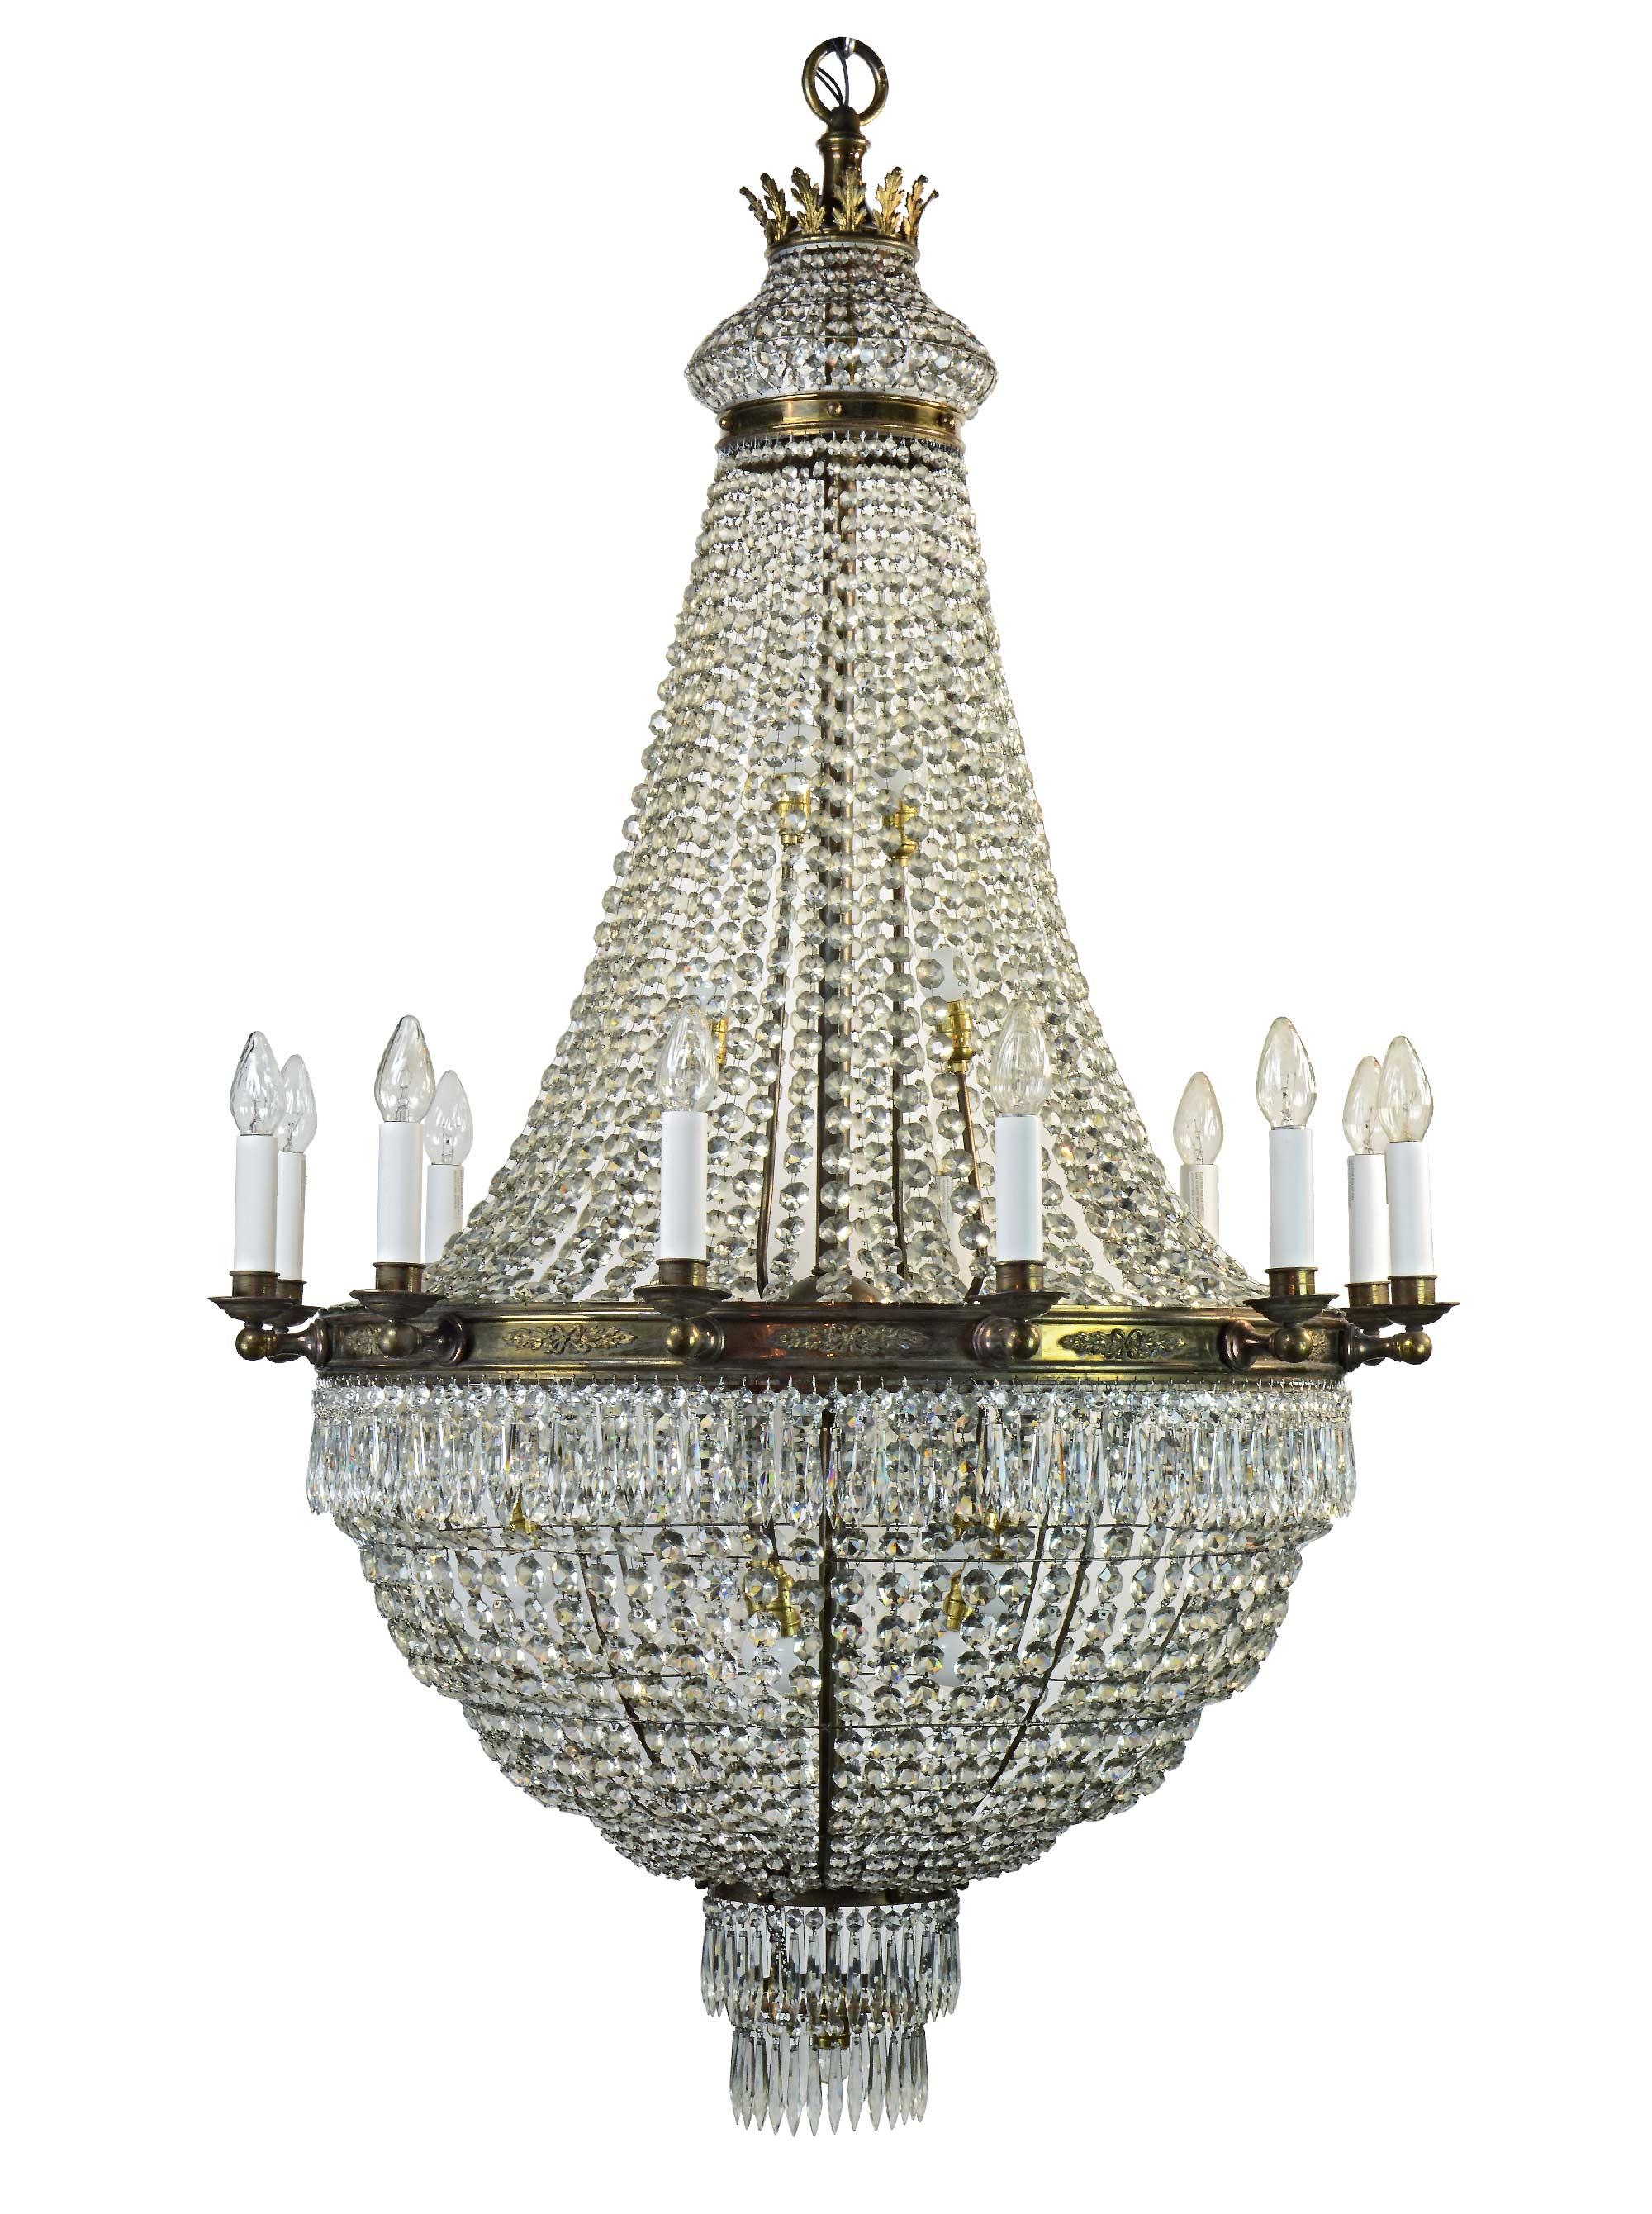 46798-crystal-chandelier.jpg